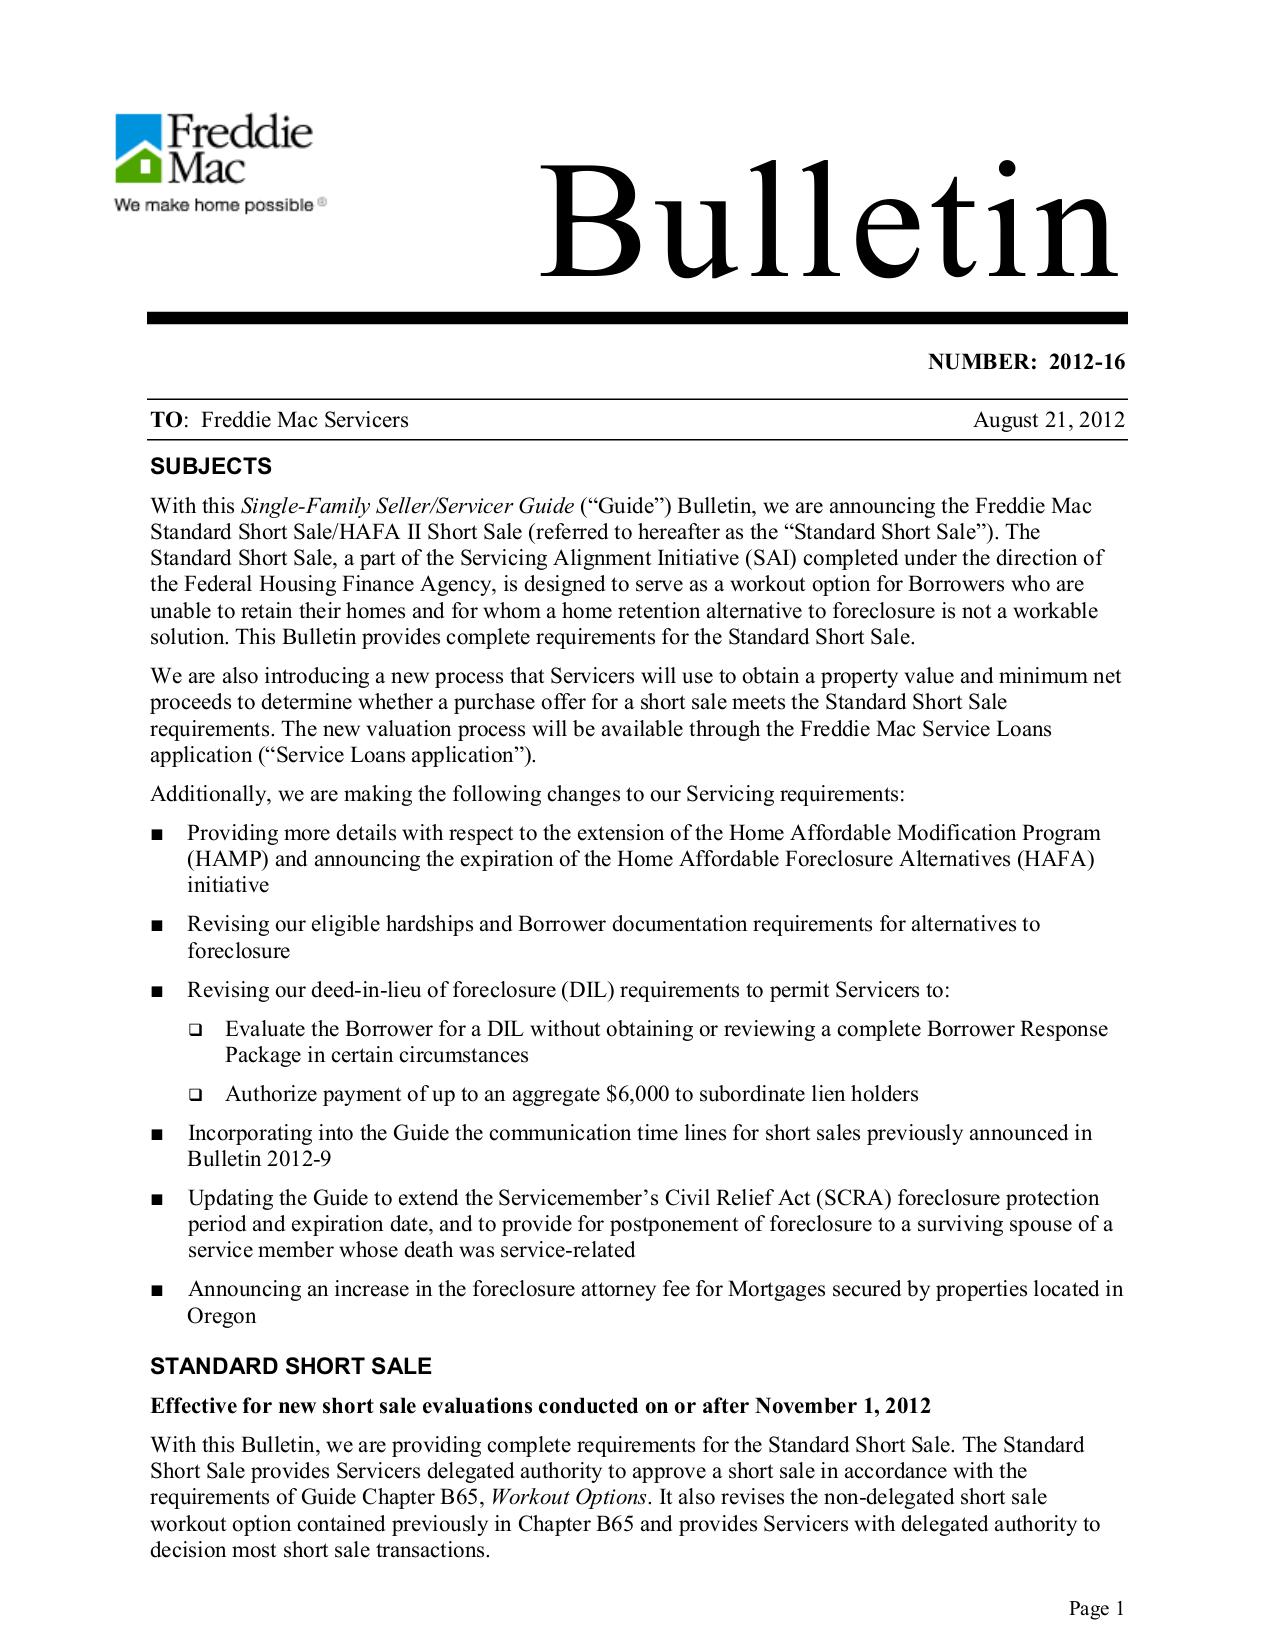 pdf for IBM Laptop ThinkPad i Series 1552 manual